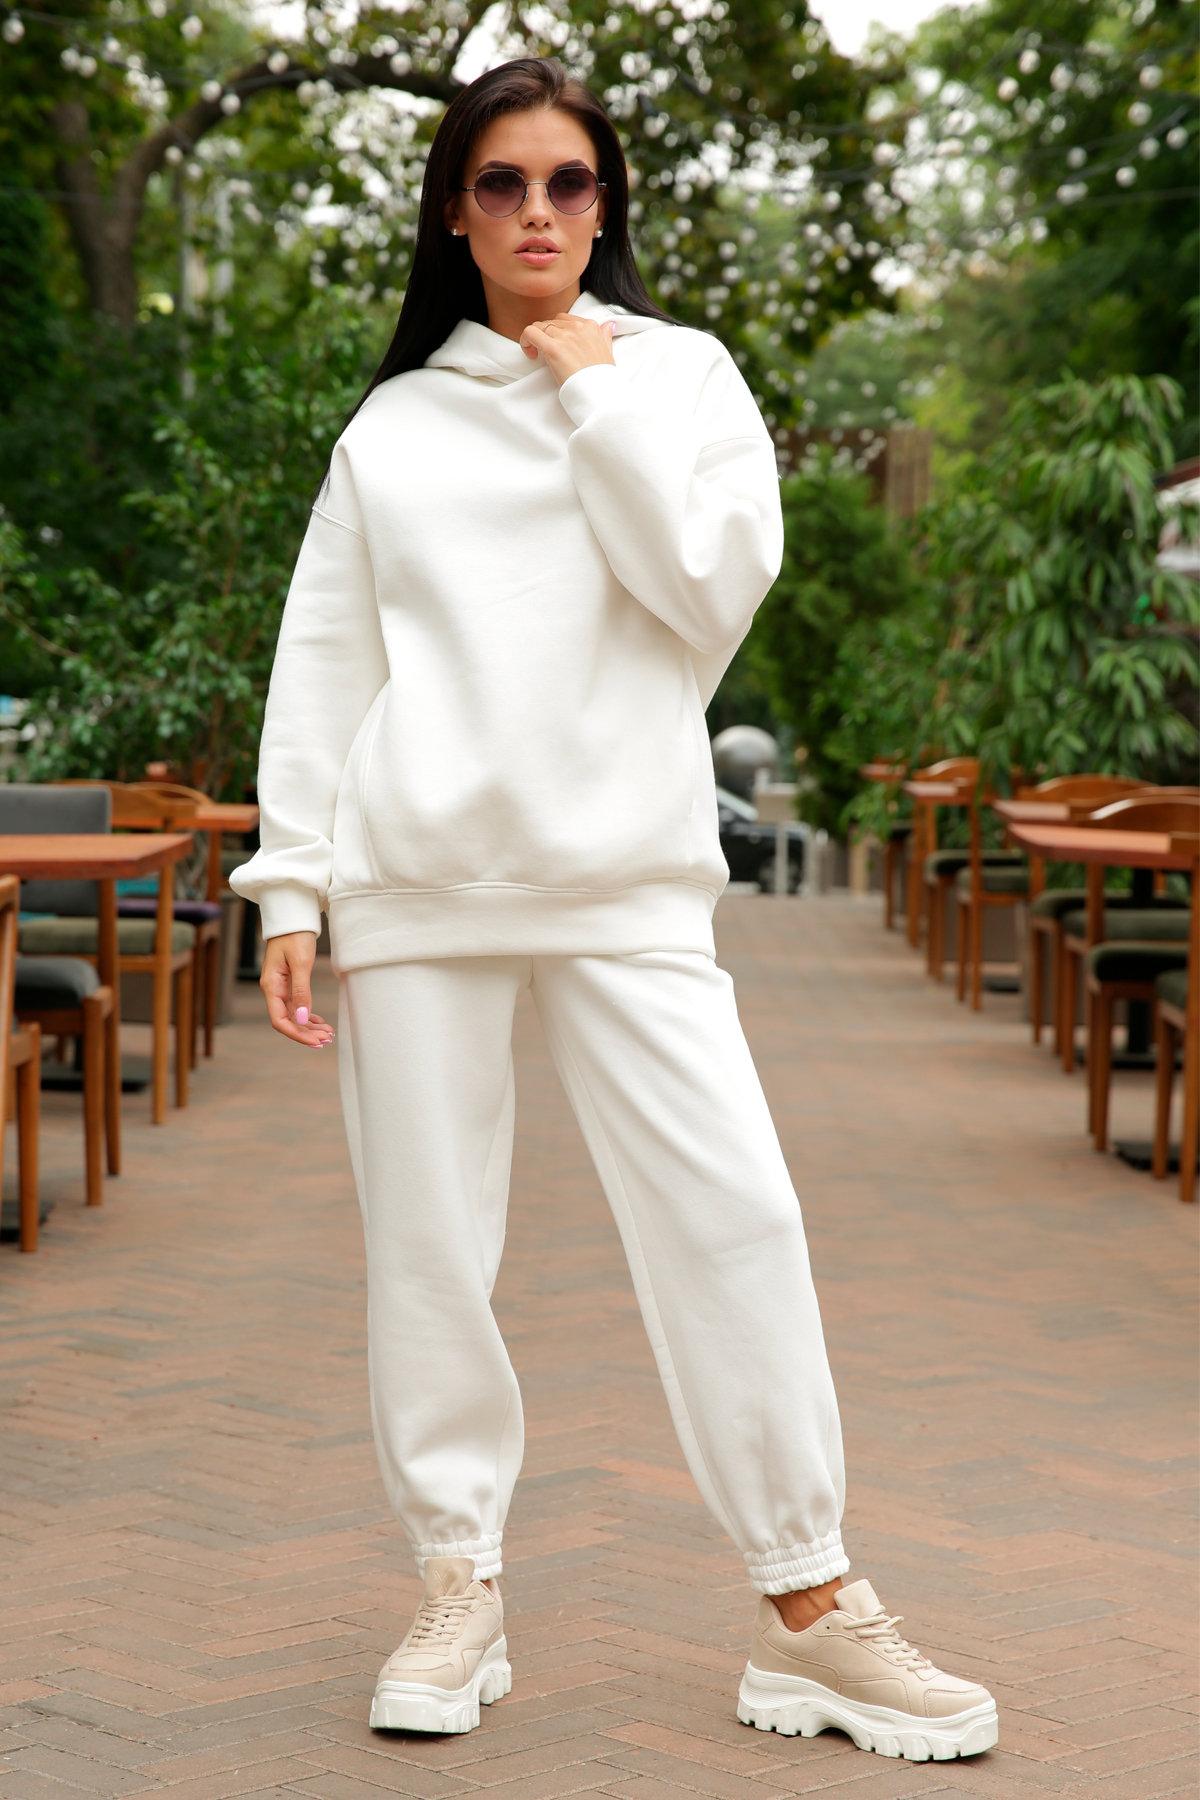 Марион костюм в  стиле Oversize  3х нитка 9651 АРТ. 46045 Цвет: Молоко - фото 3, интернет магазин tm-modus.ru